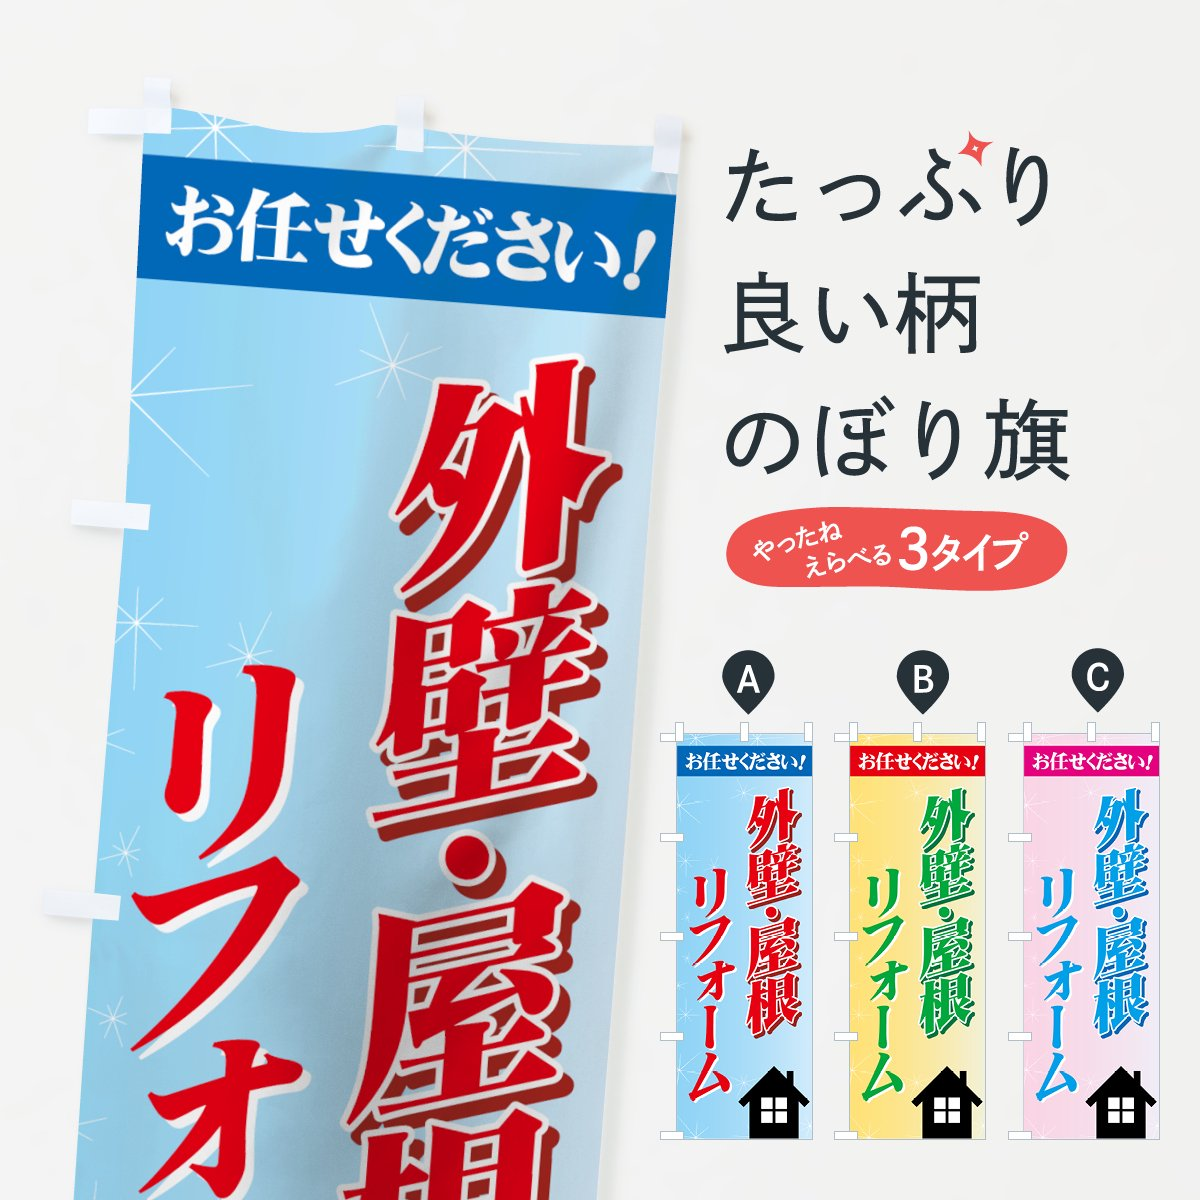 リフォームのぼり旗【リフォーム*】[サービス業]